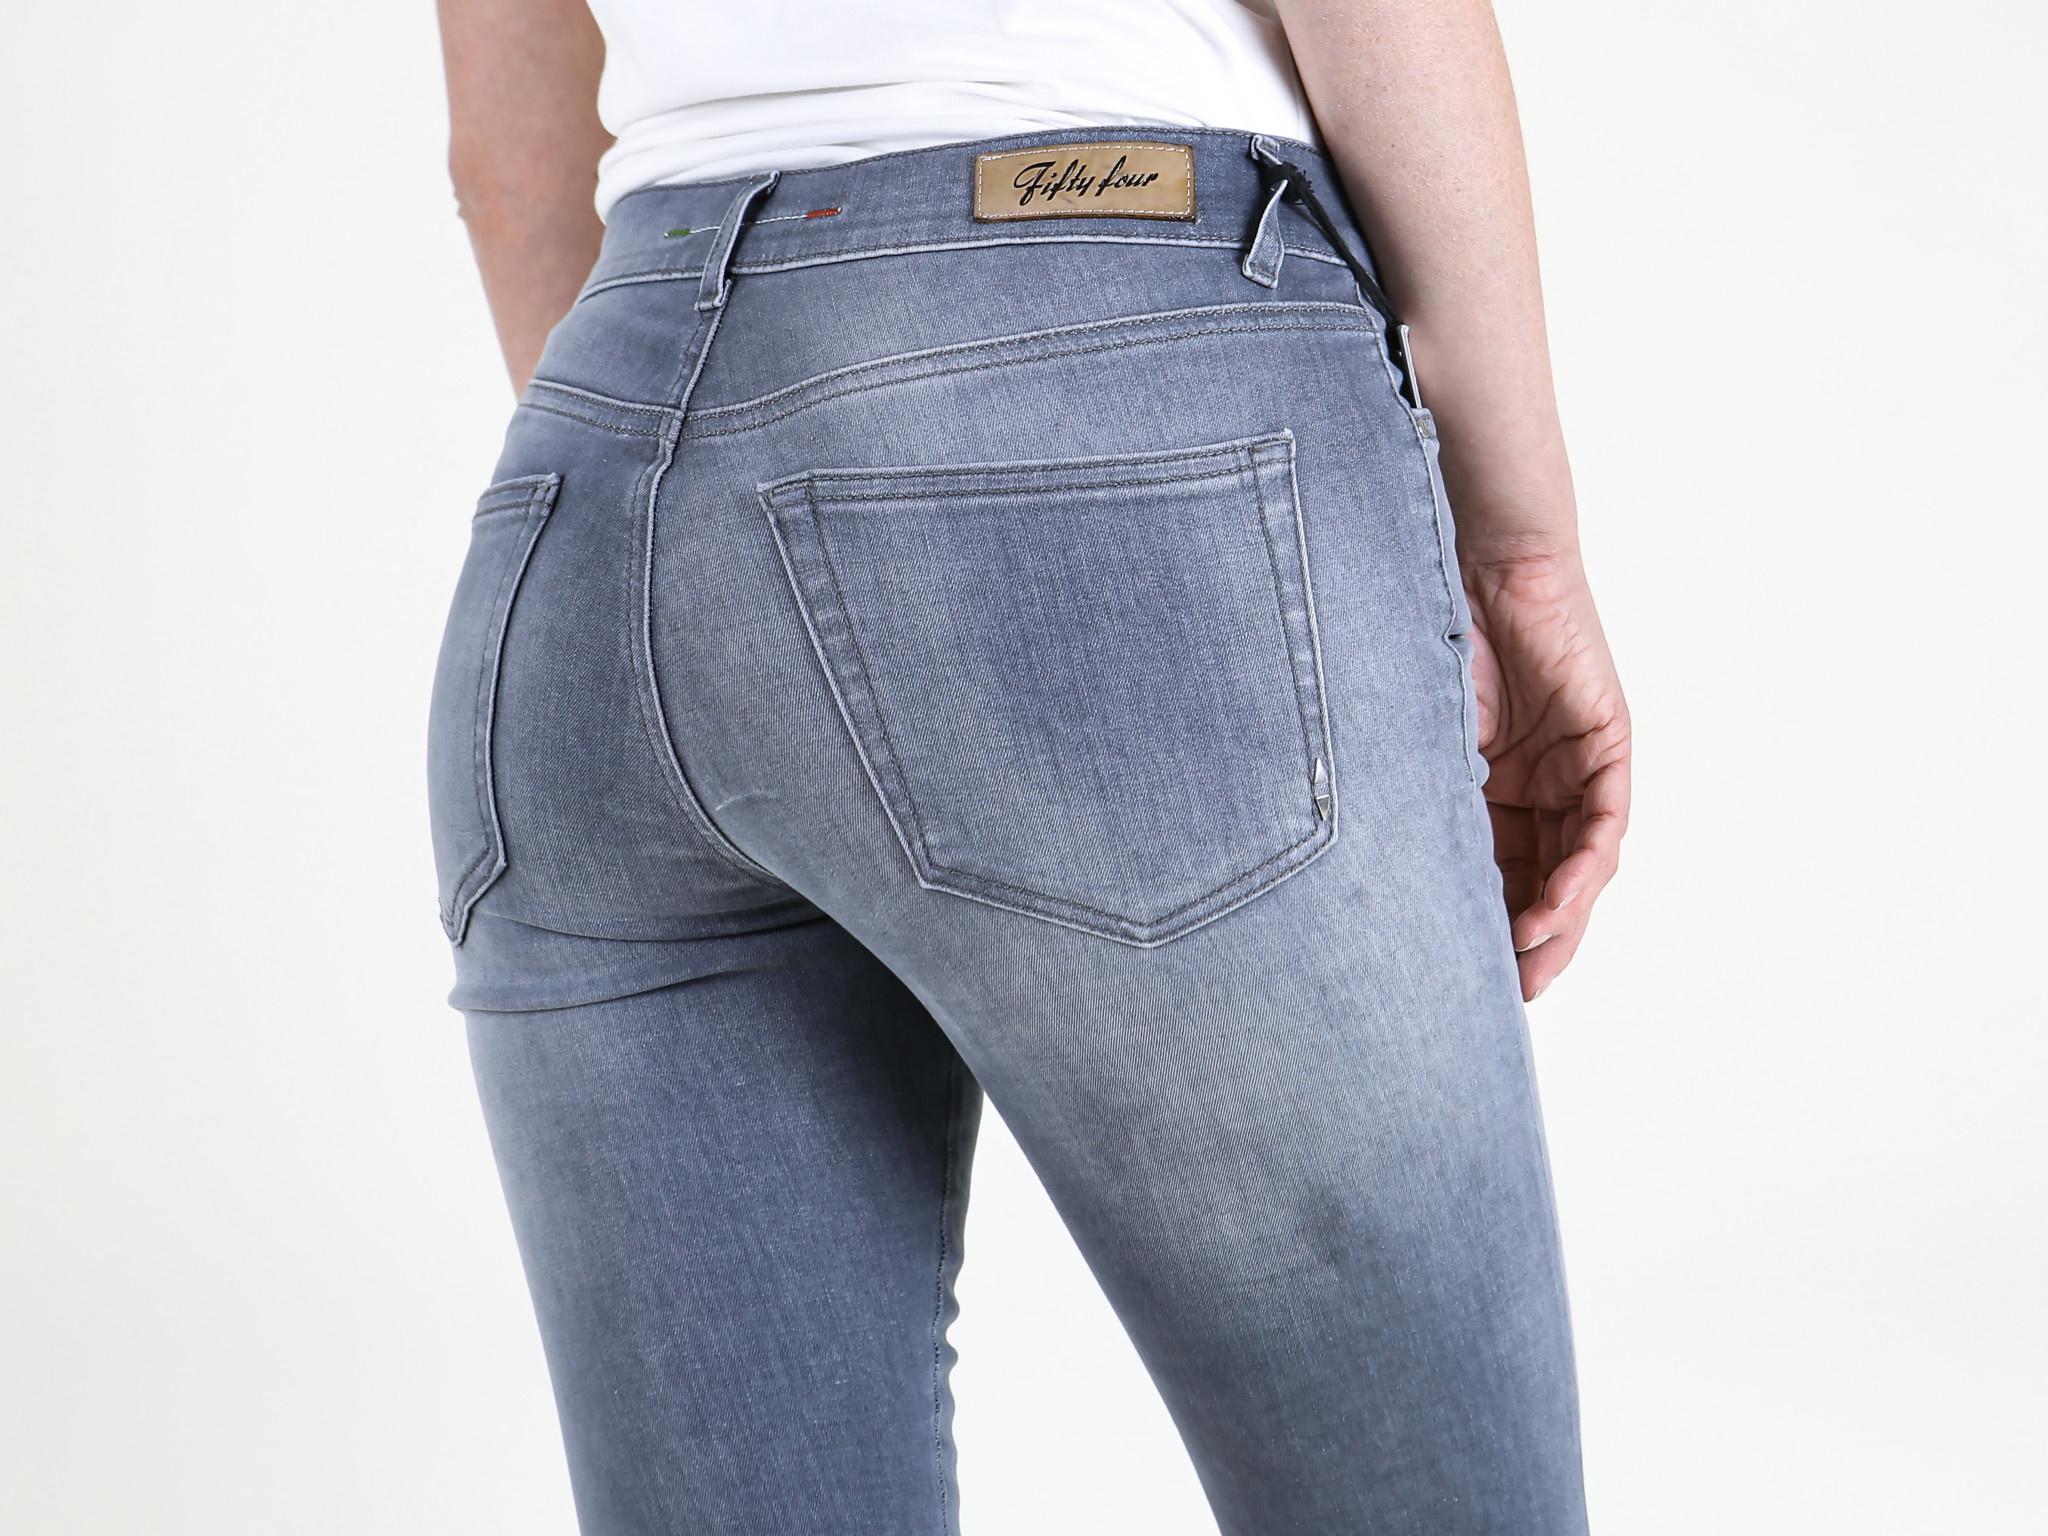 Fifty Four Fifty Four Sixty JD98 FA-142-M Skinny Jeans Washed Grey Denim